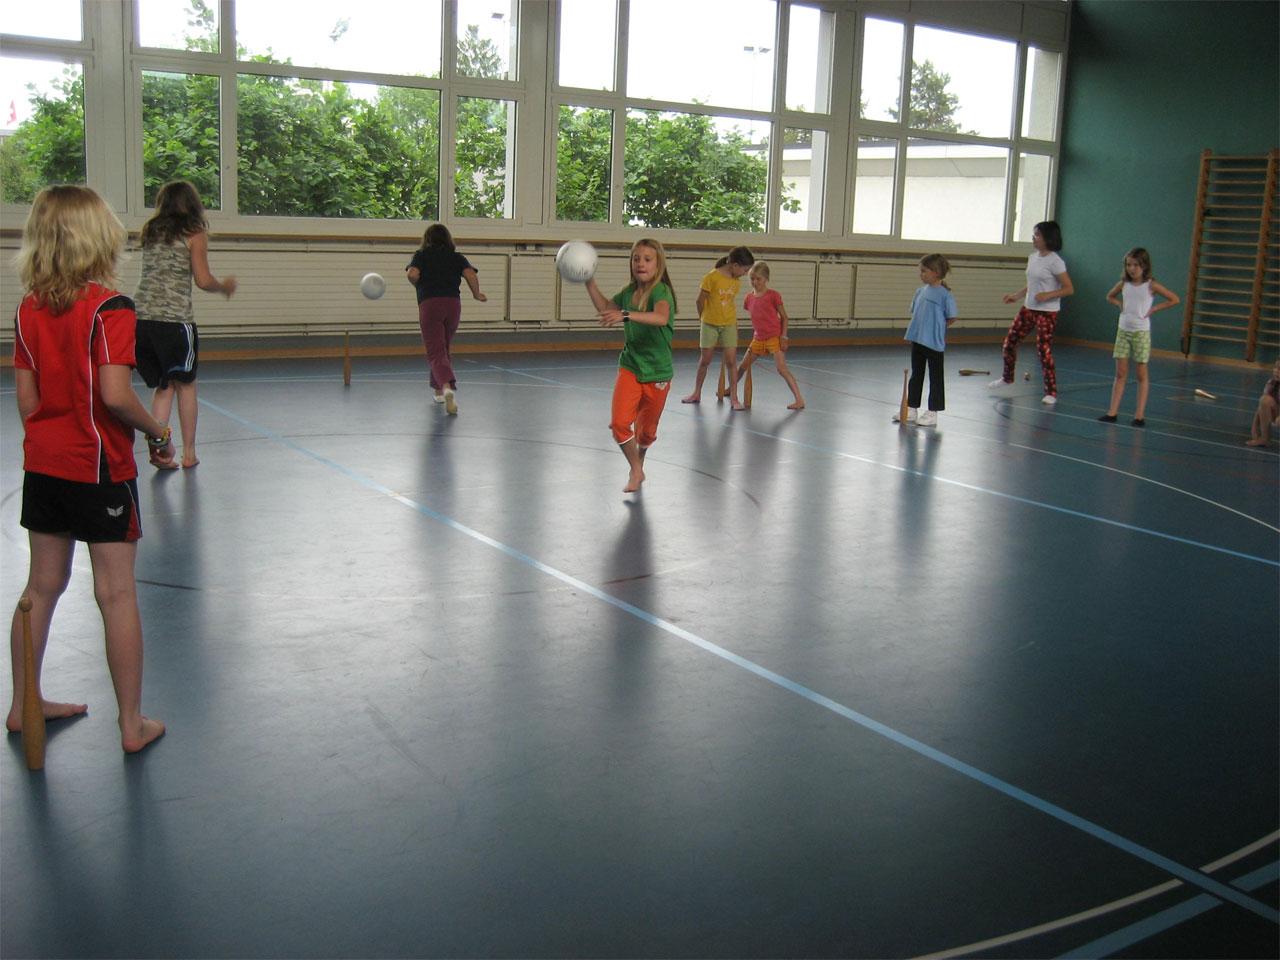 2008-06-02-jrj-training-003